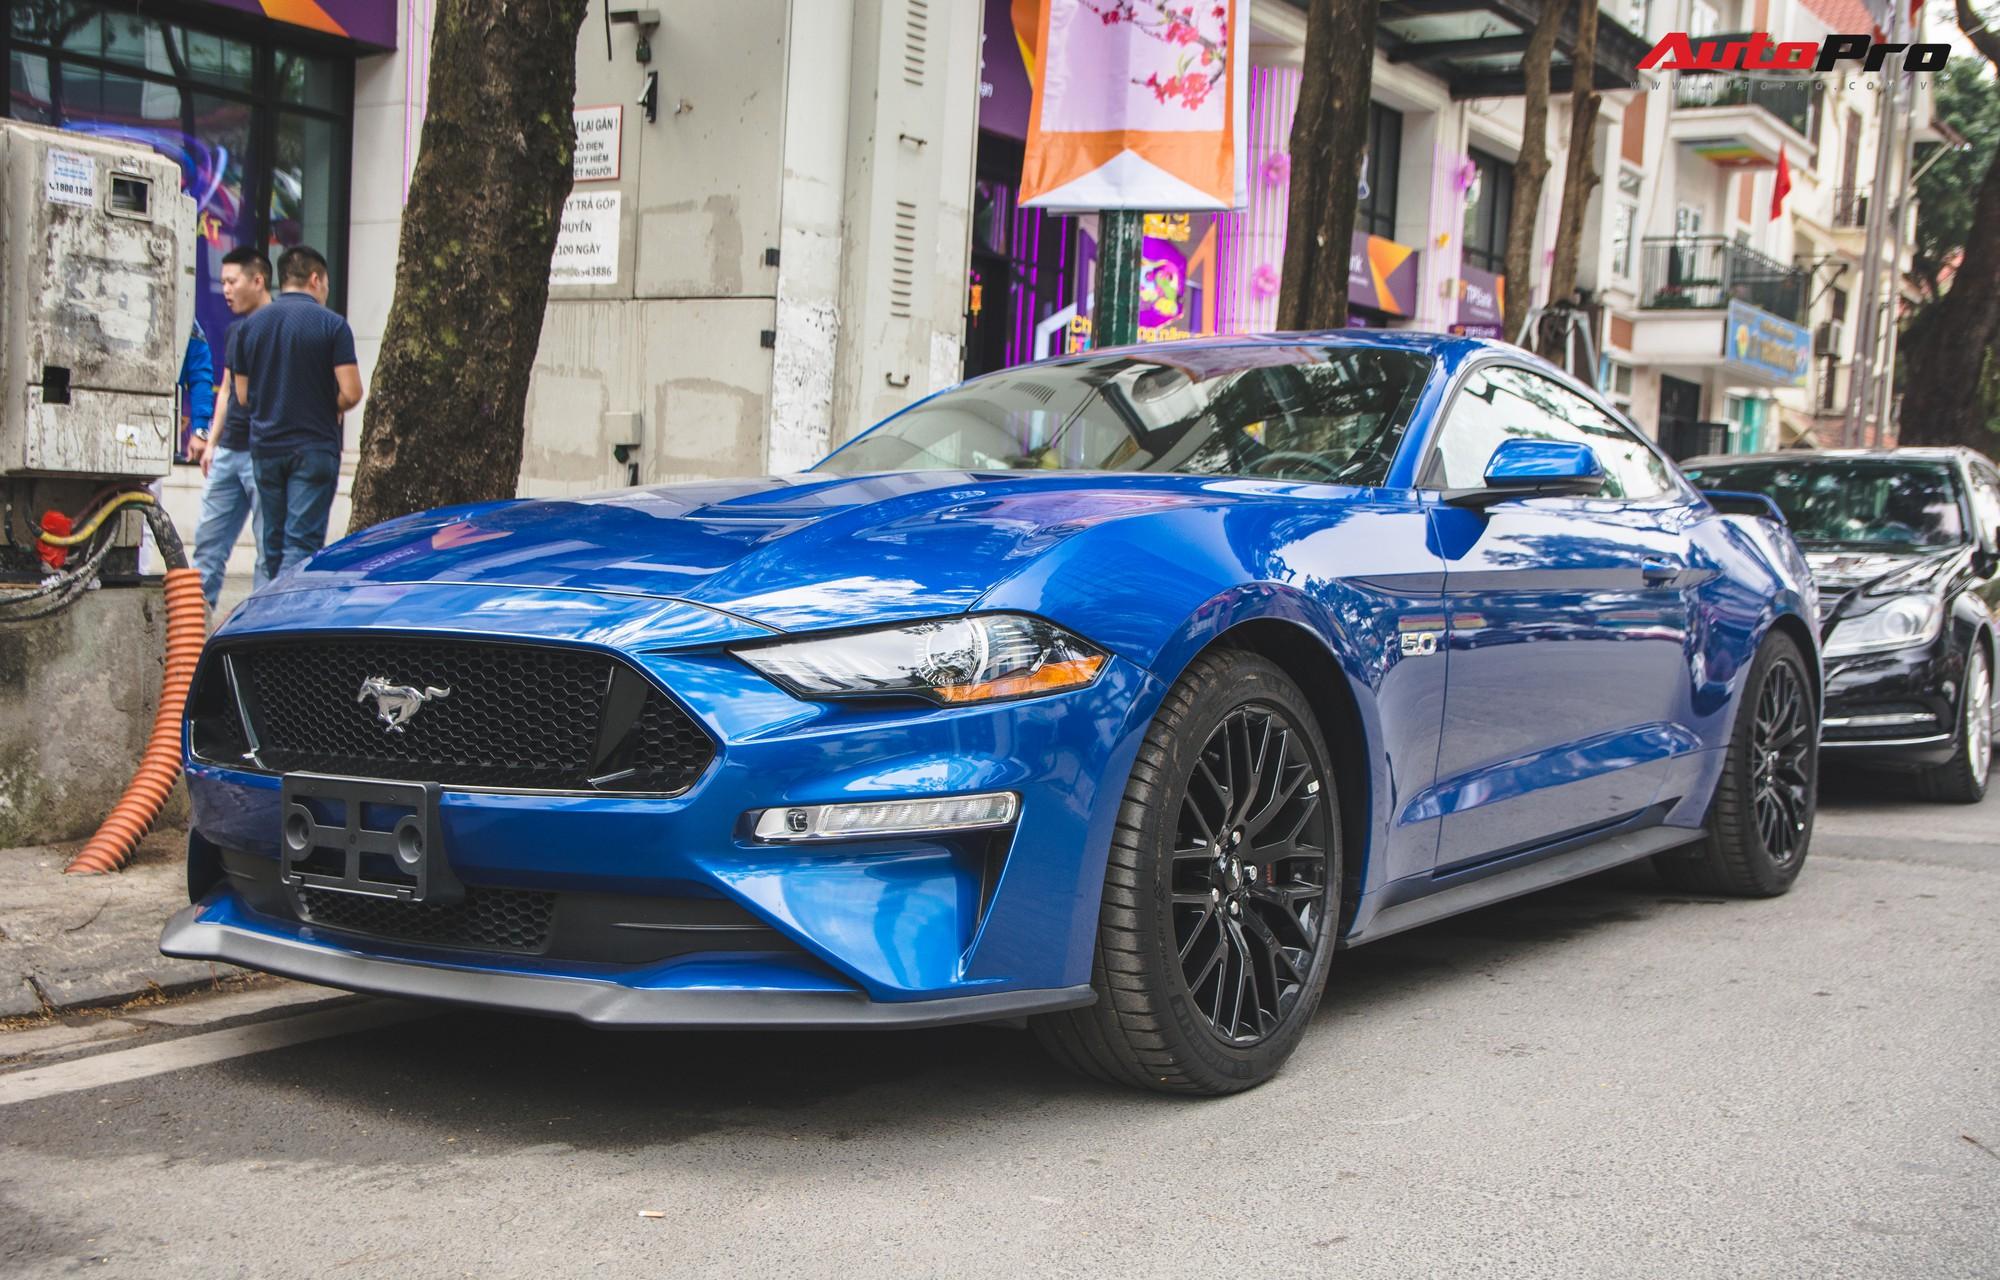 Ford mustang gt 2019 thứ 2 tại việt nam quyết không đụng hàng khi sở hữu chi tiết ngàn đô n